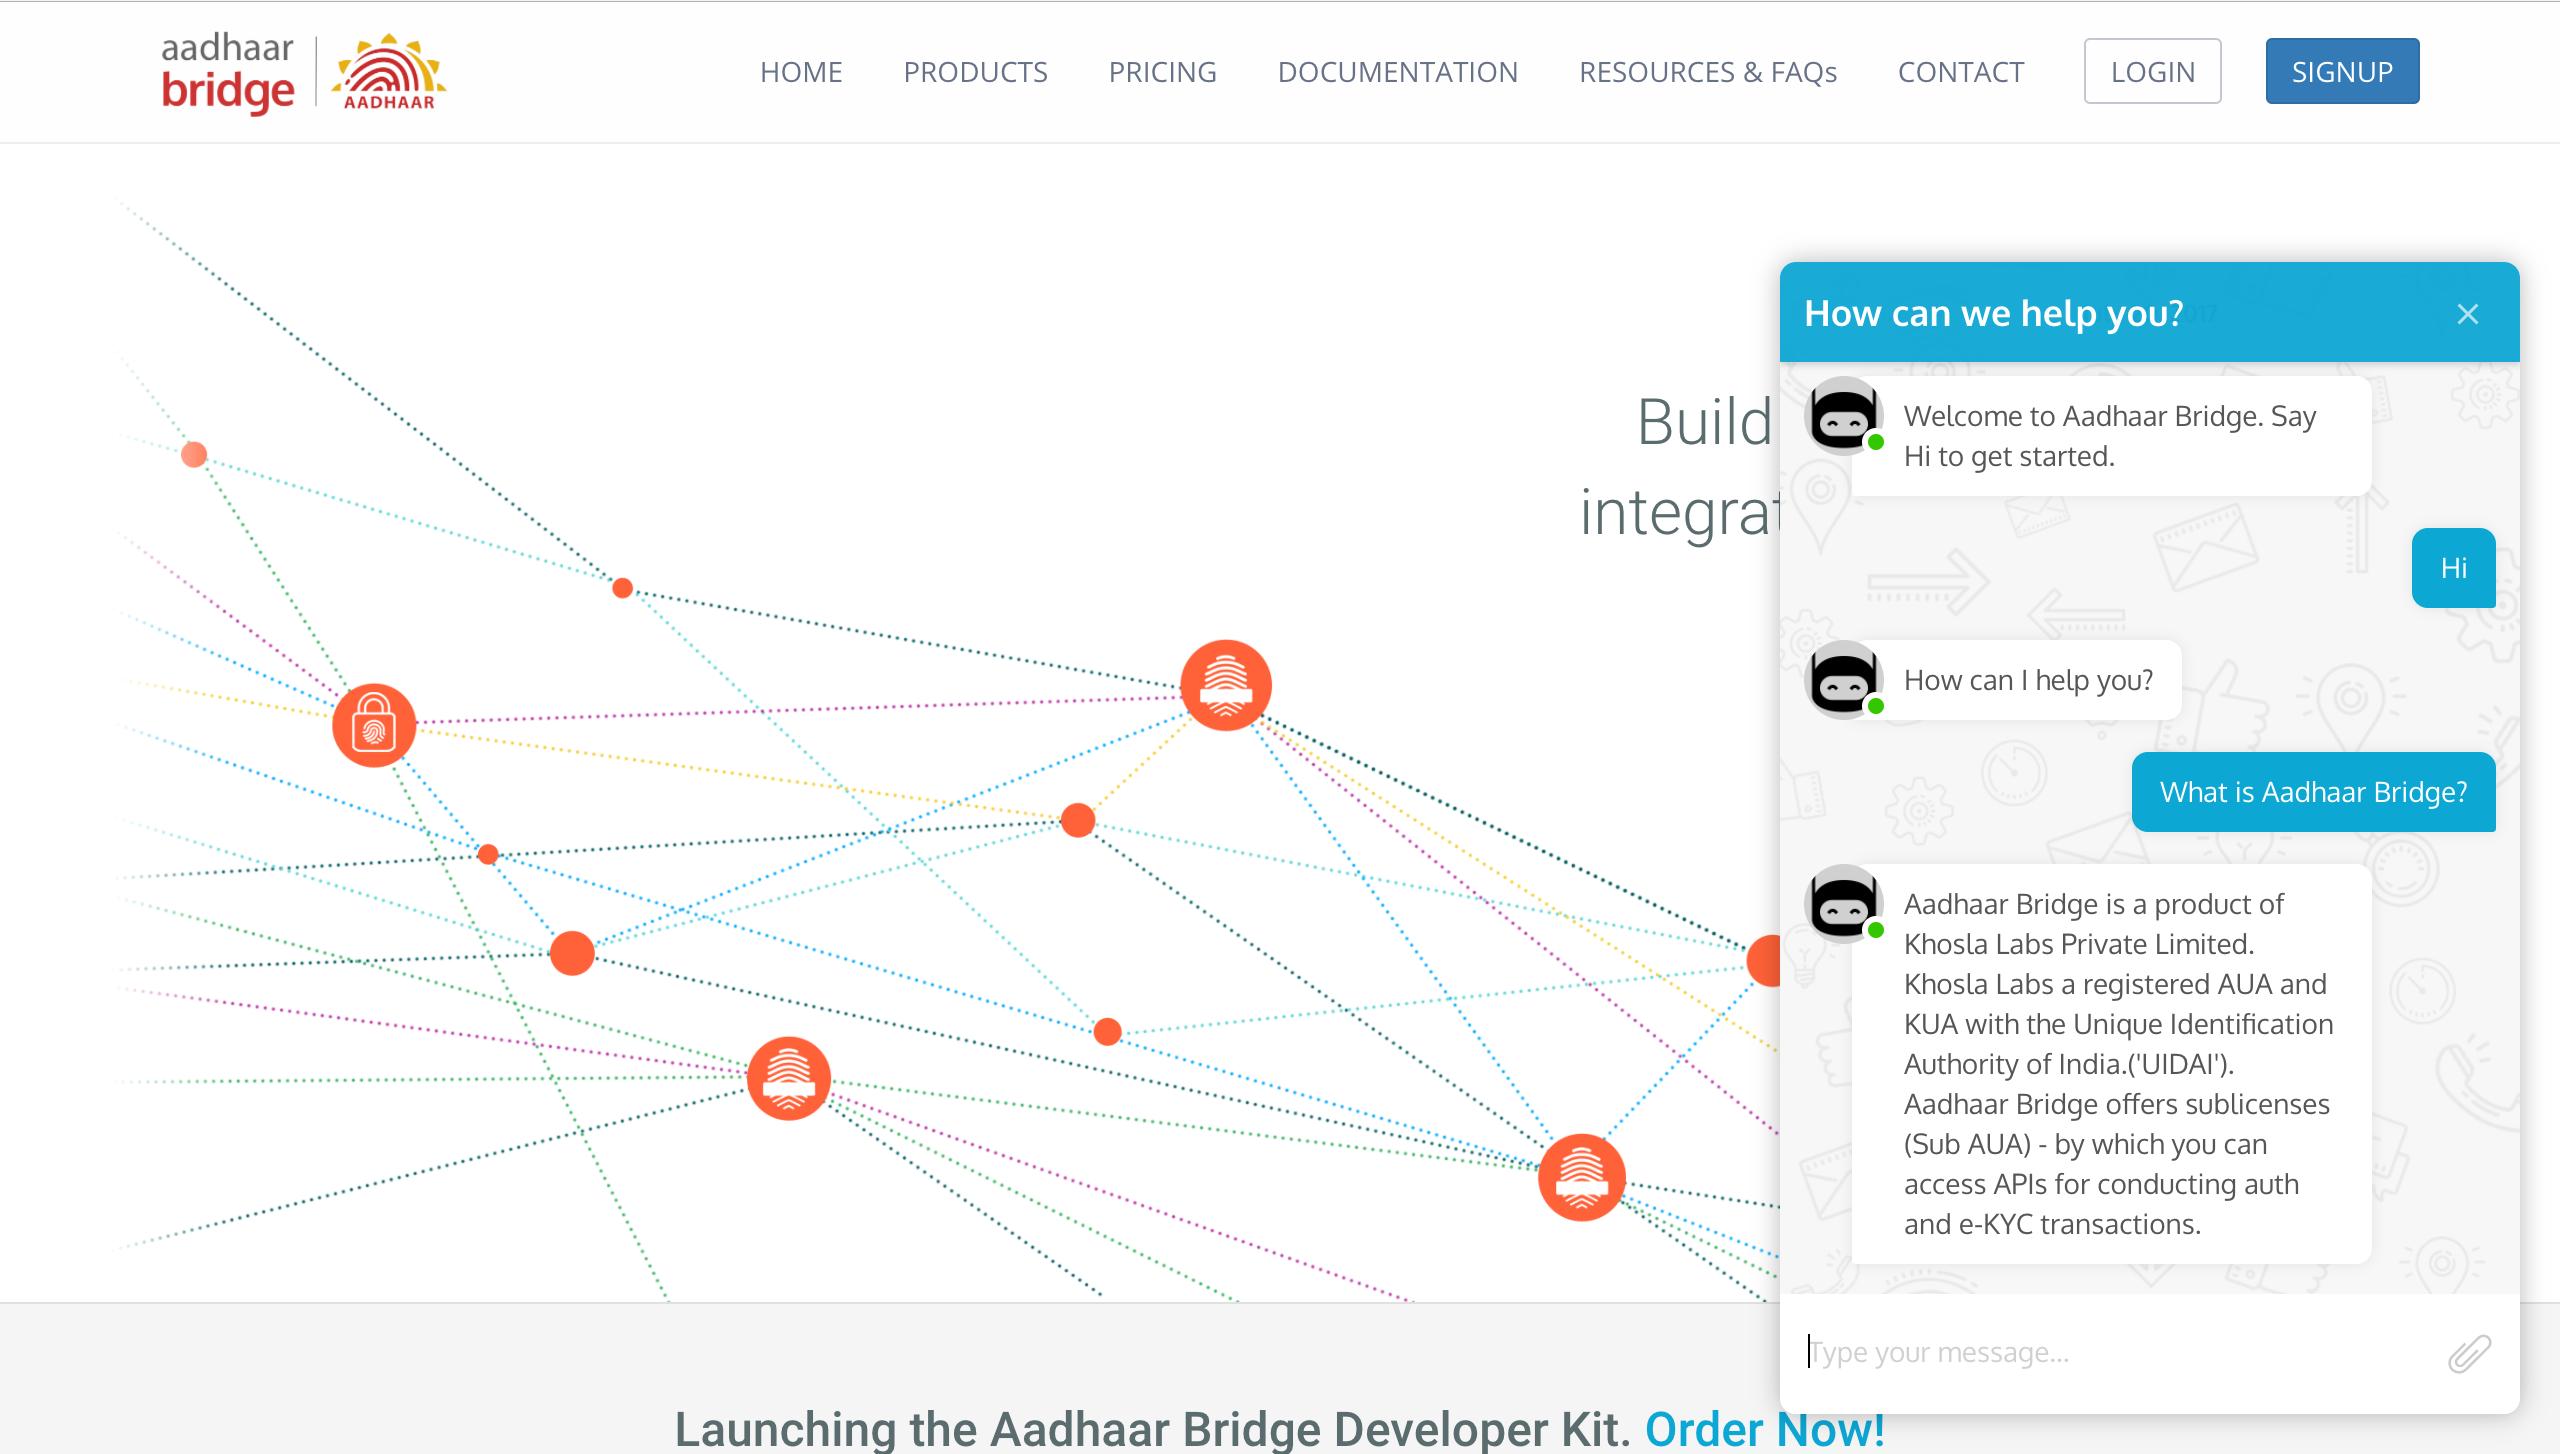 Verloop Demo - Web widget deployment image